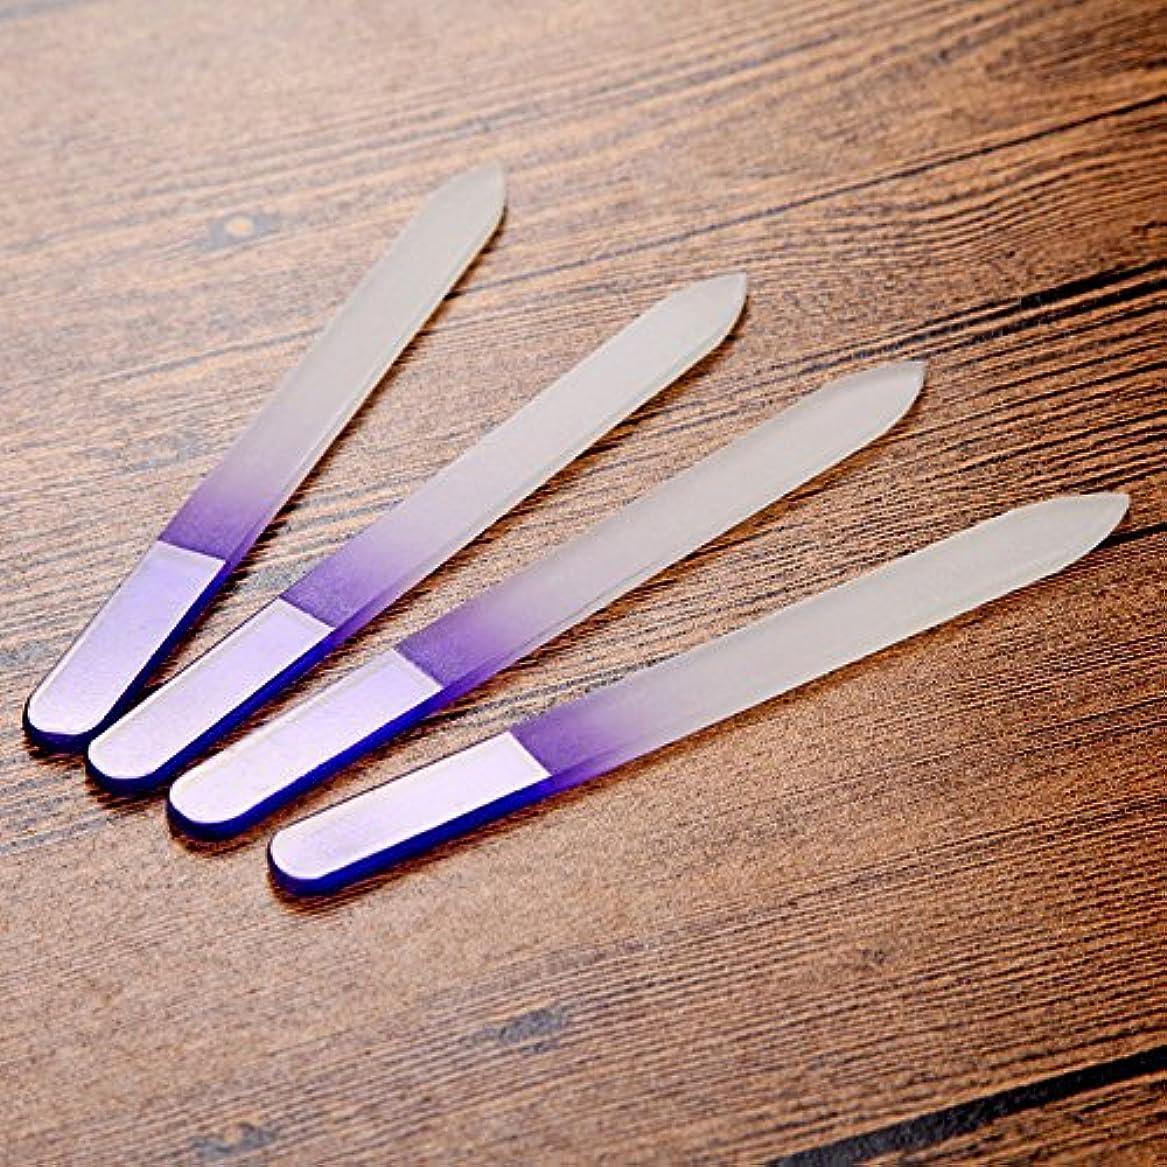 やさしく斧ホップ爪やすり 爪磨き ガラス製 専用 ケース付 ネイル ケア 水洗い可 携帯用 つめやすり パープル 4点セット